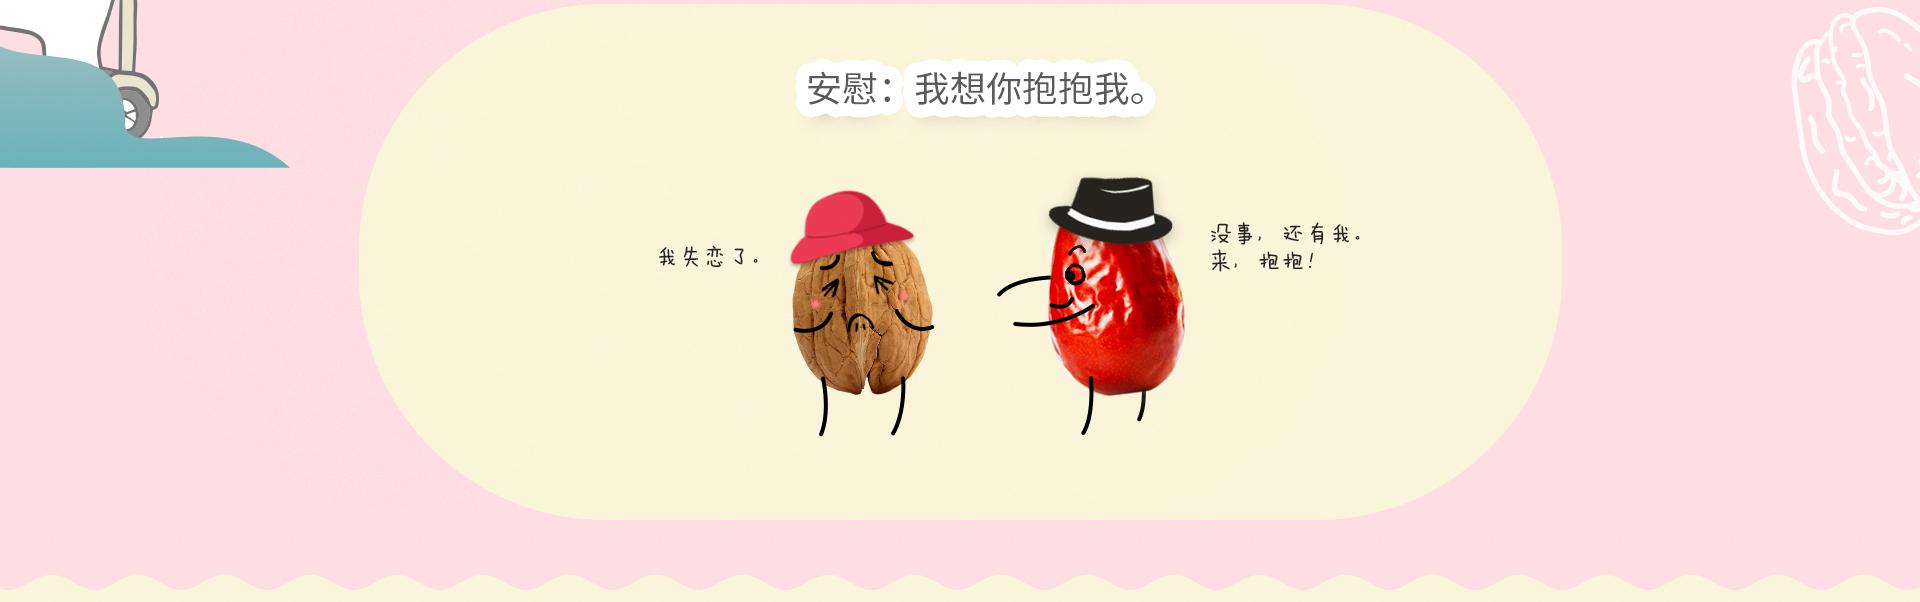 杨洋抱抱:拥抱,让心与心得距离更近些